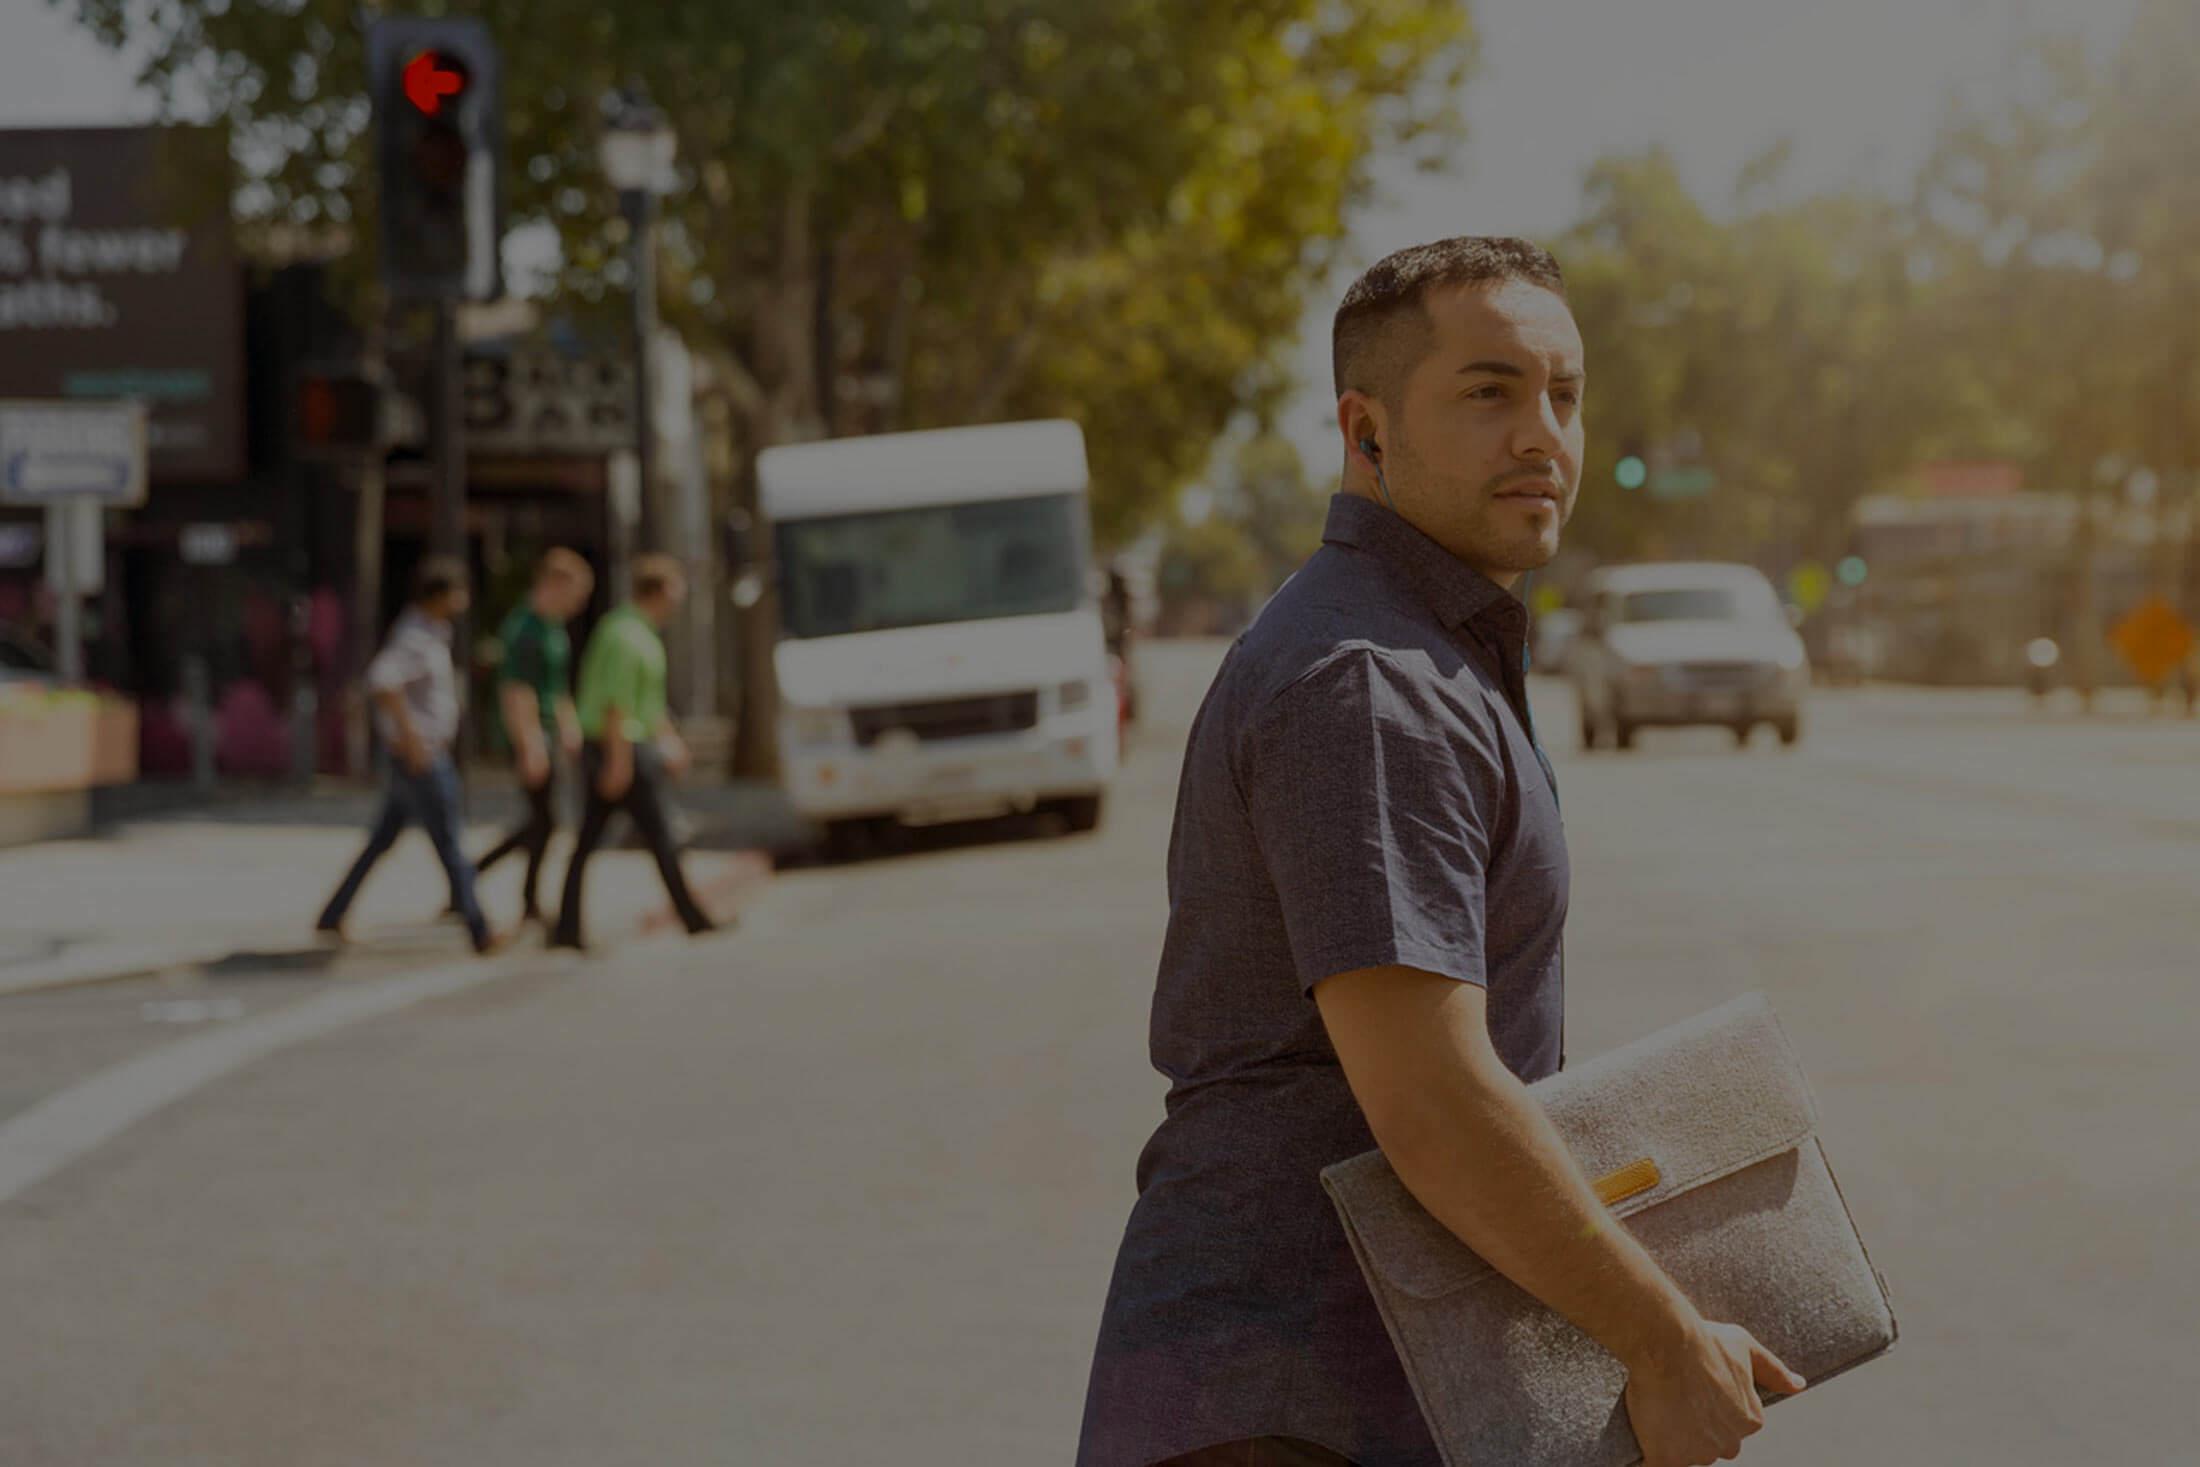 Pole emploi - offre emploi Opérateur assainissement conduc vl (H/F) - Carros